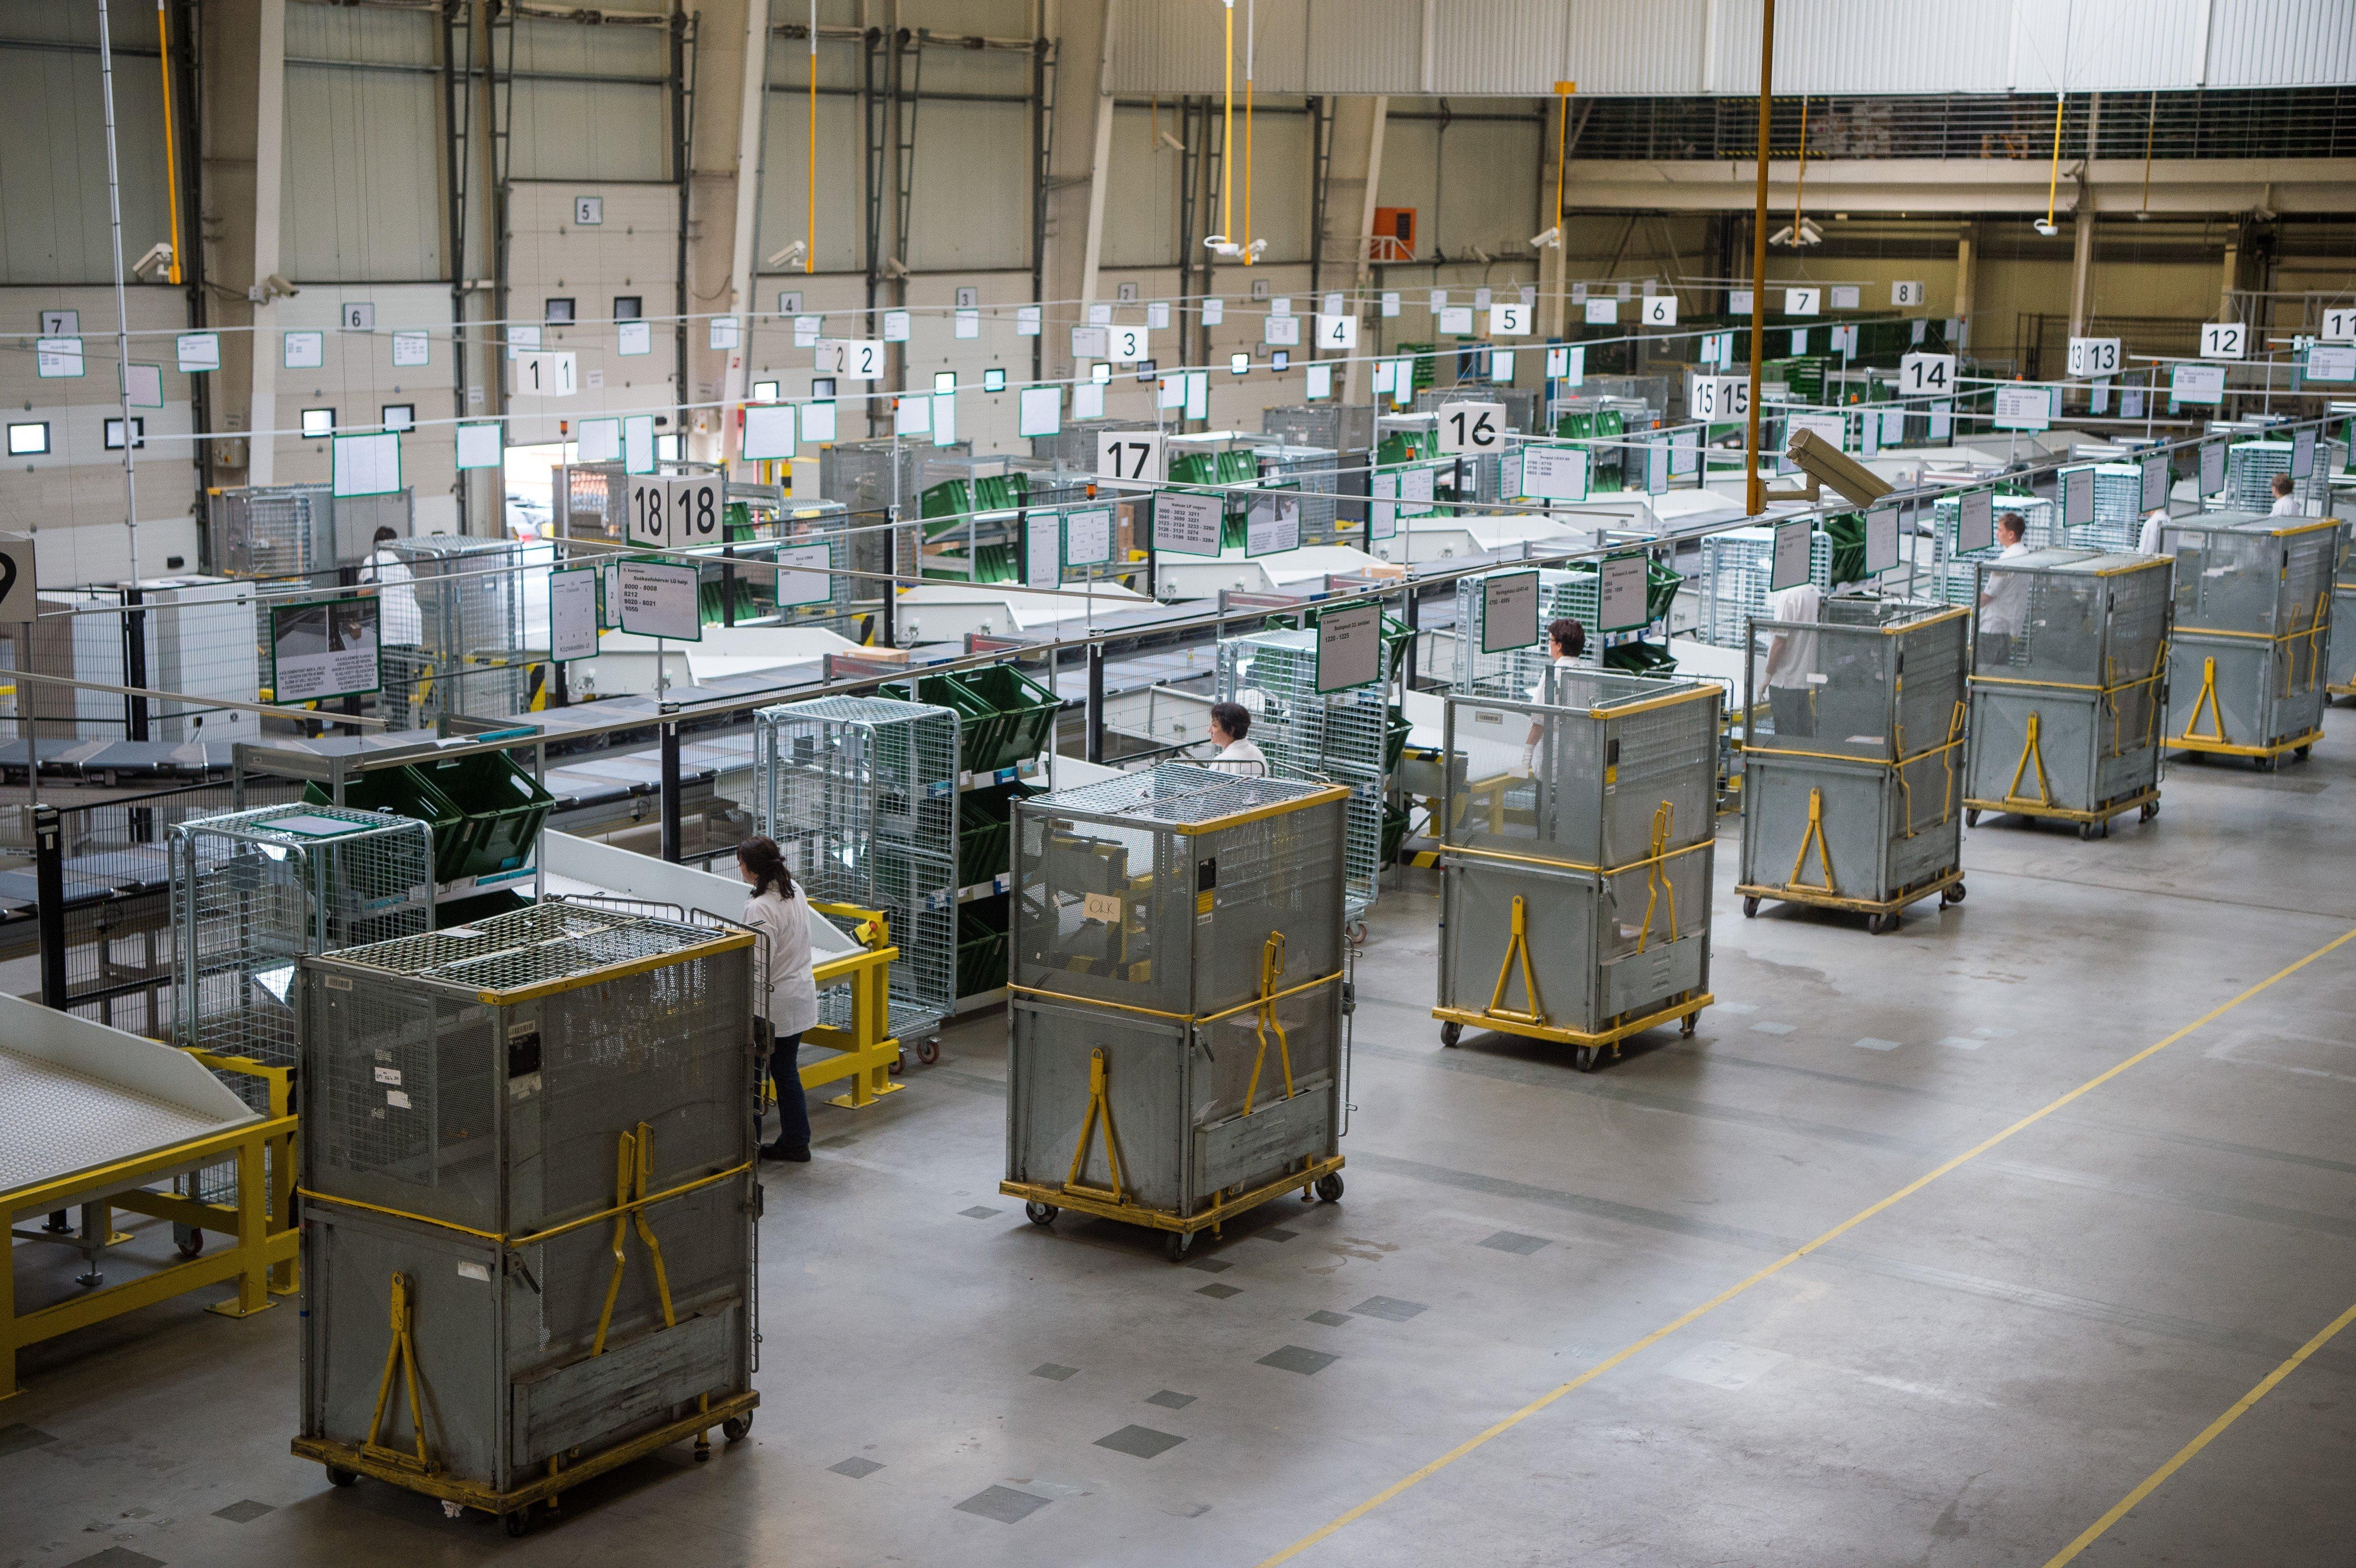 Ne most rendeljünk dolgokat külföldről, lelassult a nemzetközi postaforgalom